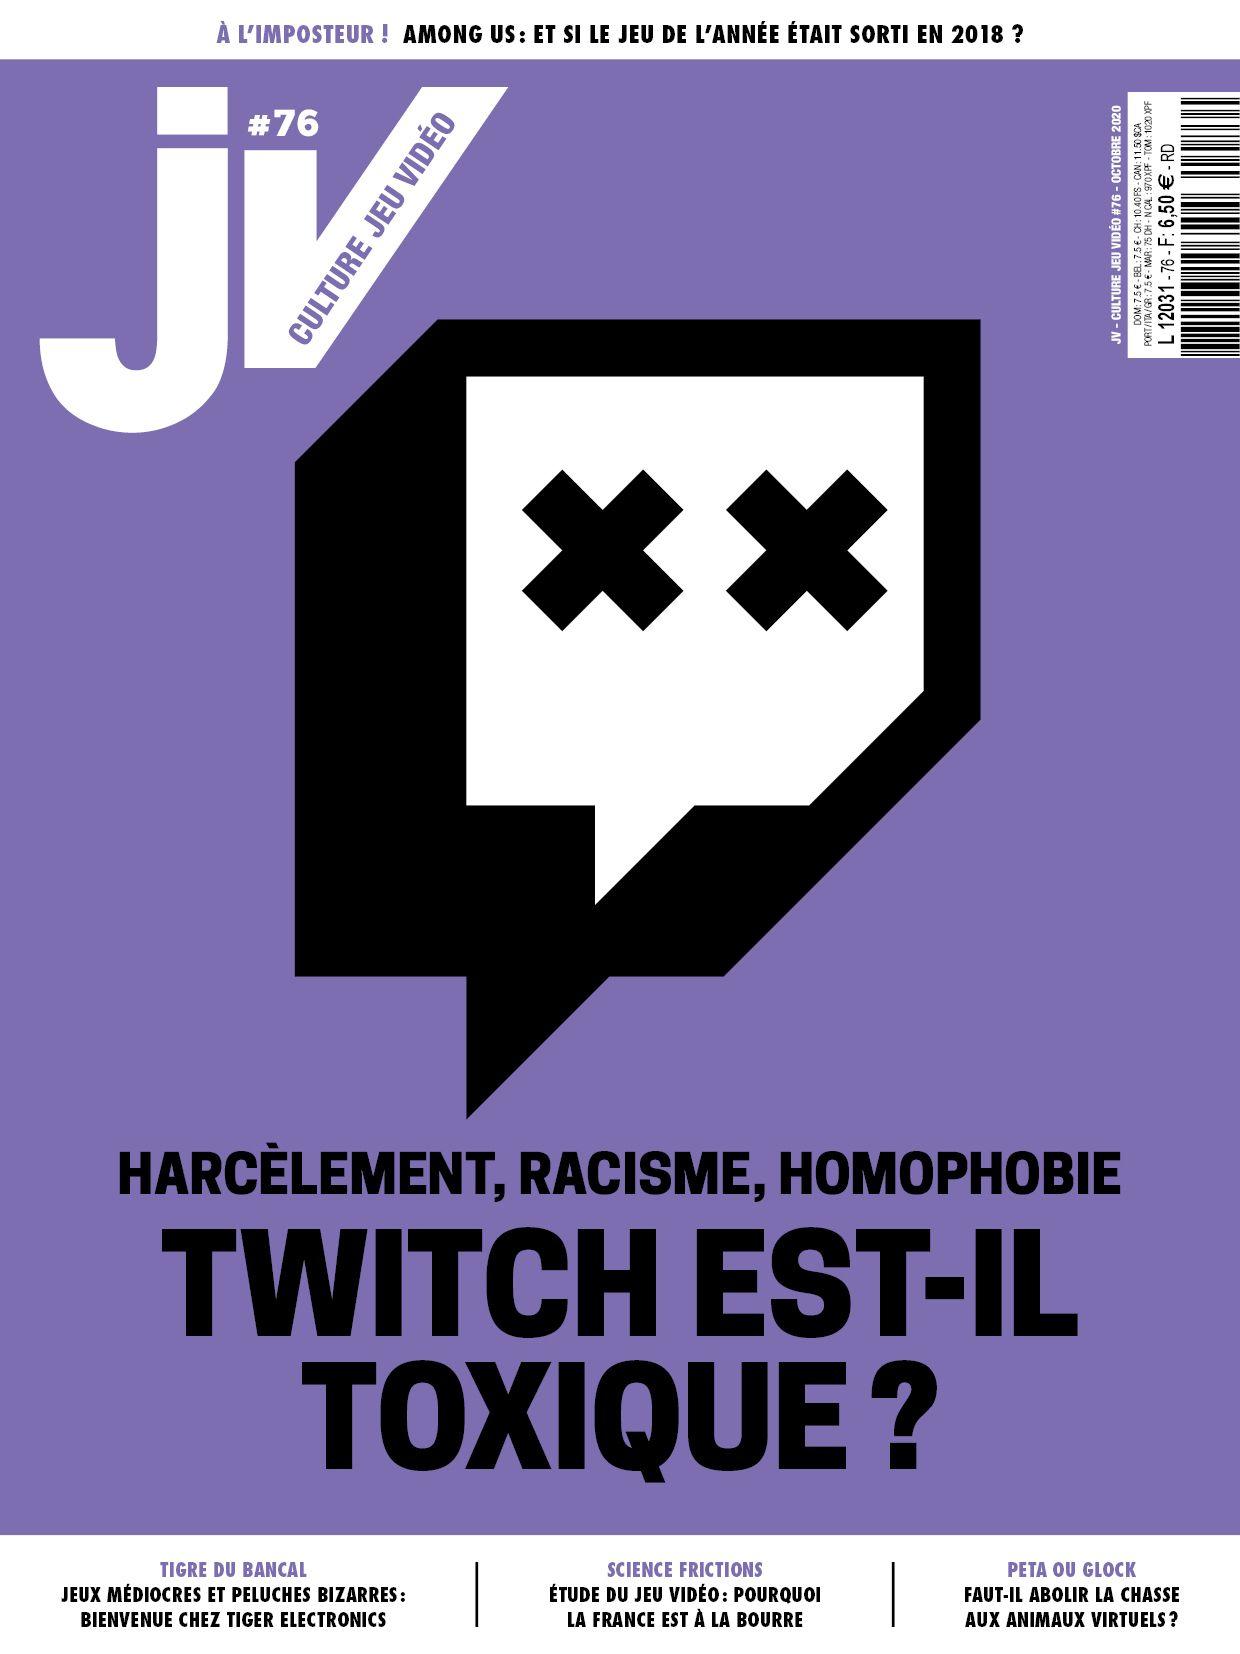 Article de JV Le MAG consacré à la plateforme Twitch, les Harcèlement, Racisme et homophobie analysé par PCS Avocat